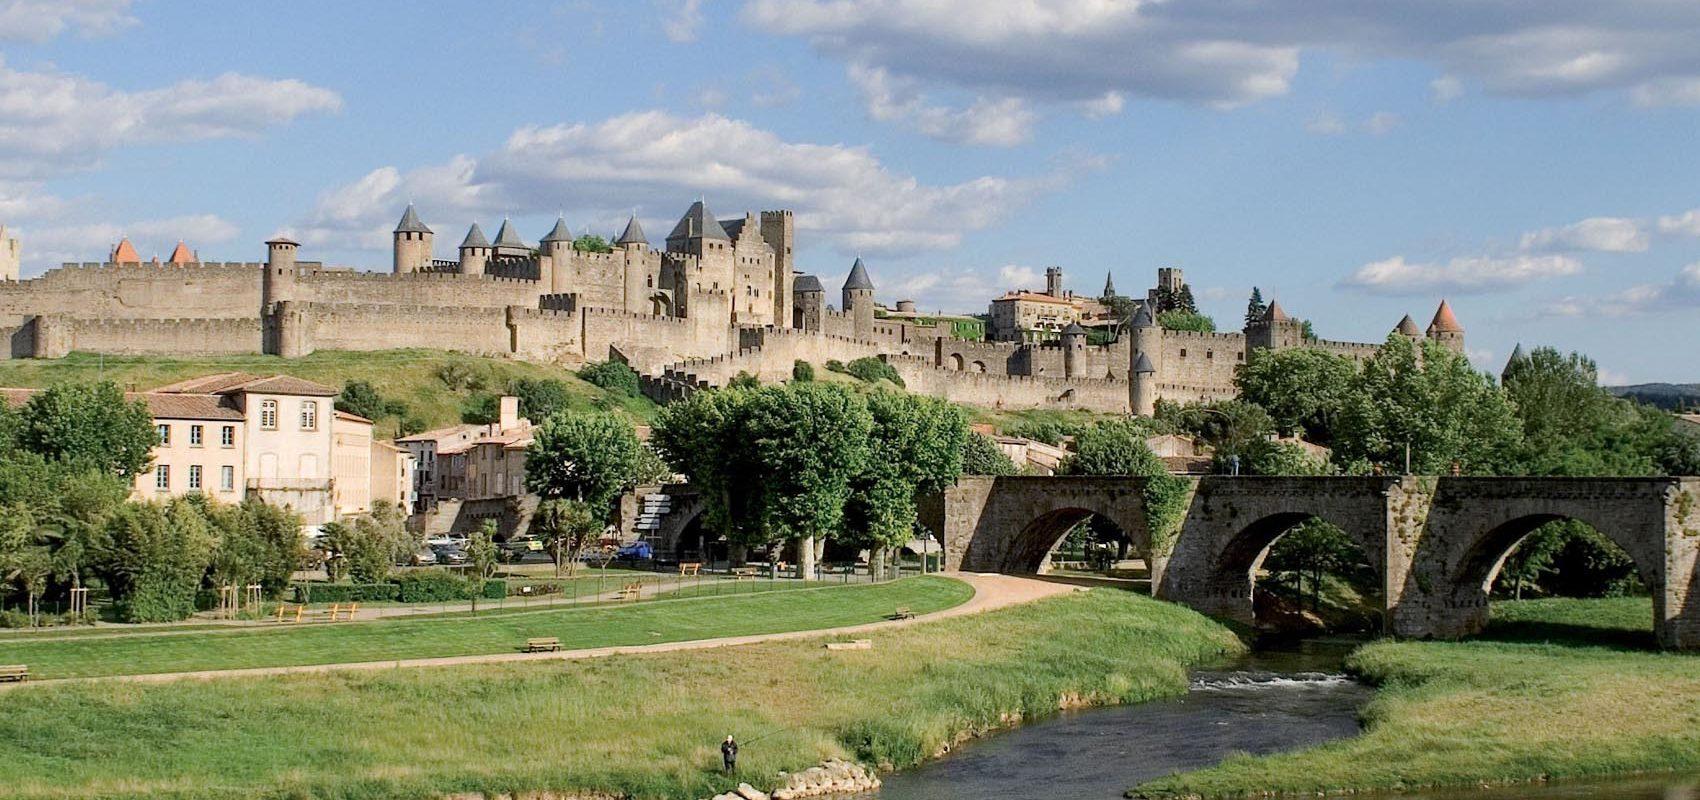 Élections Municipales Carcassonne 2020